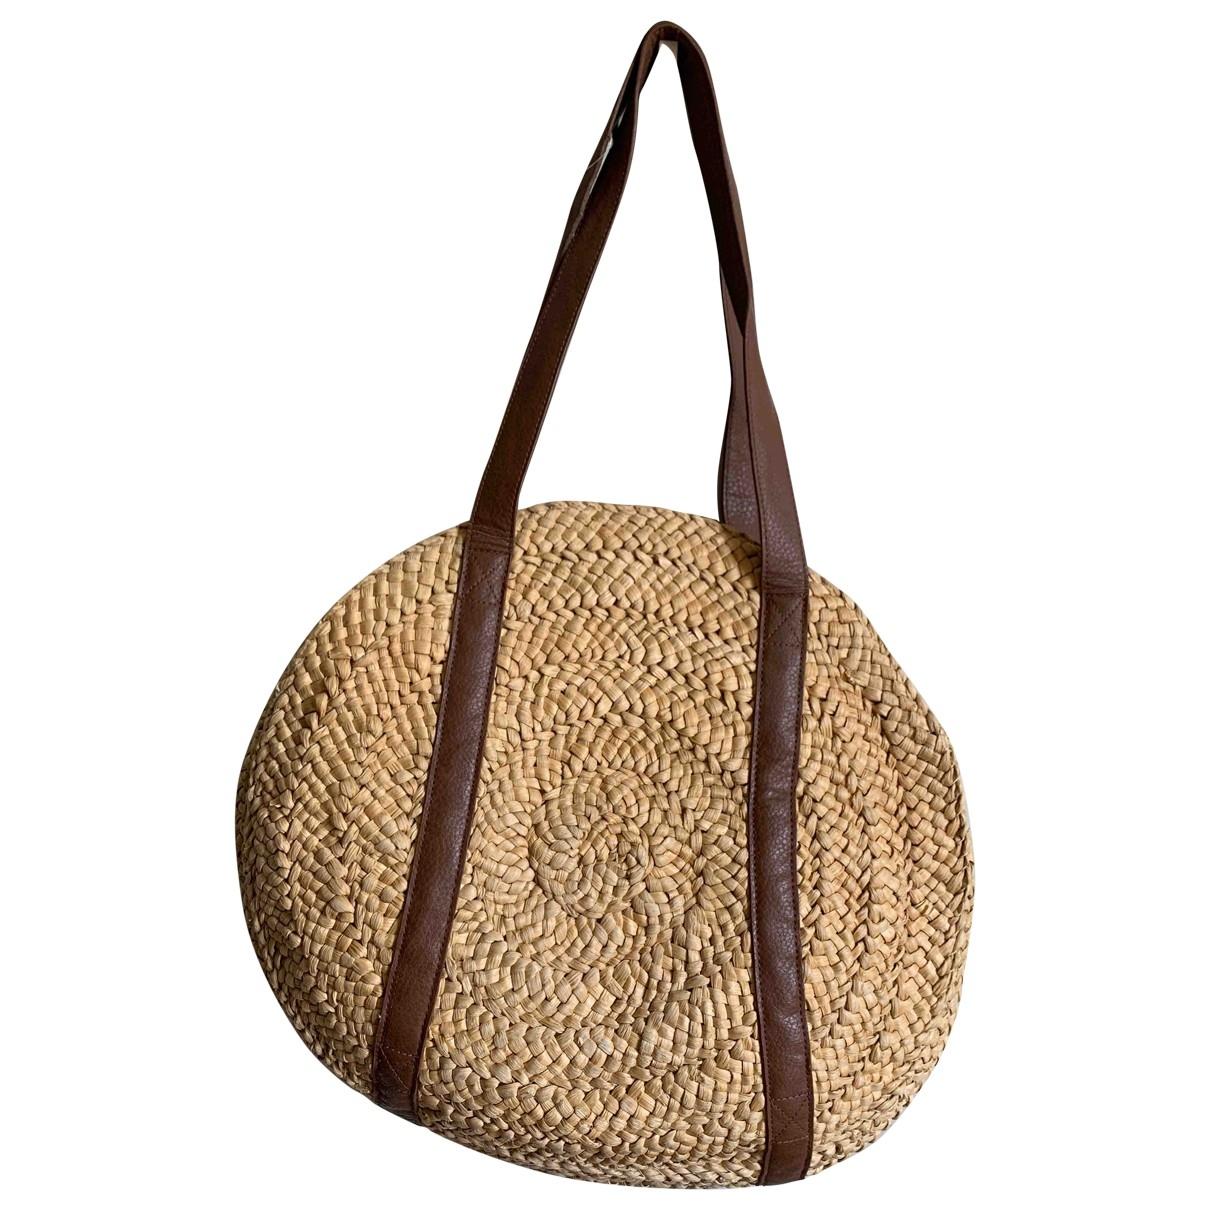 Zara \N Beige Wicker handbag for Women \N